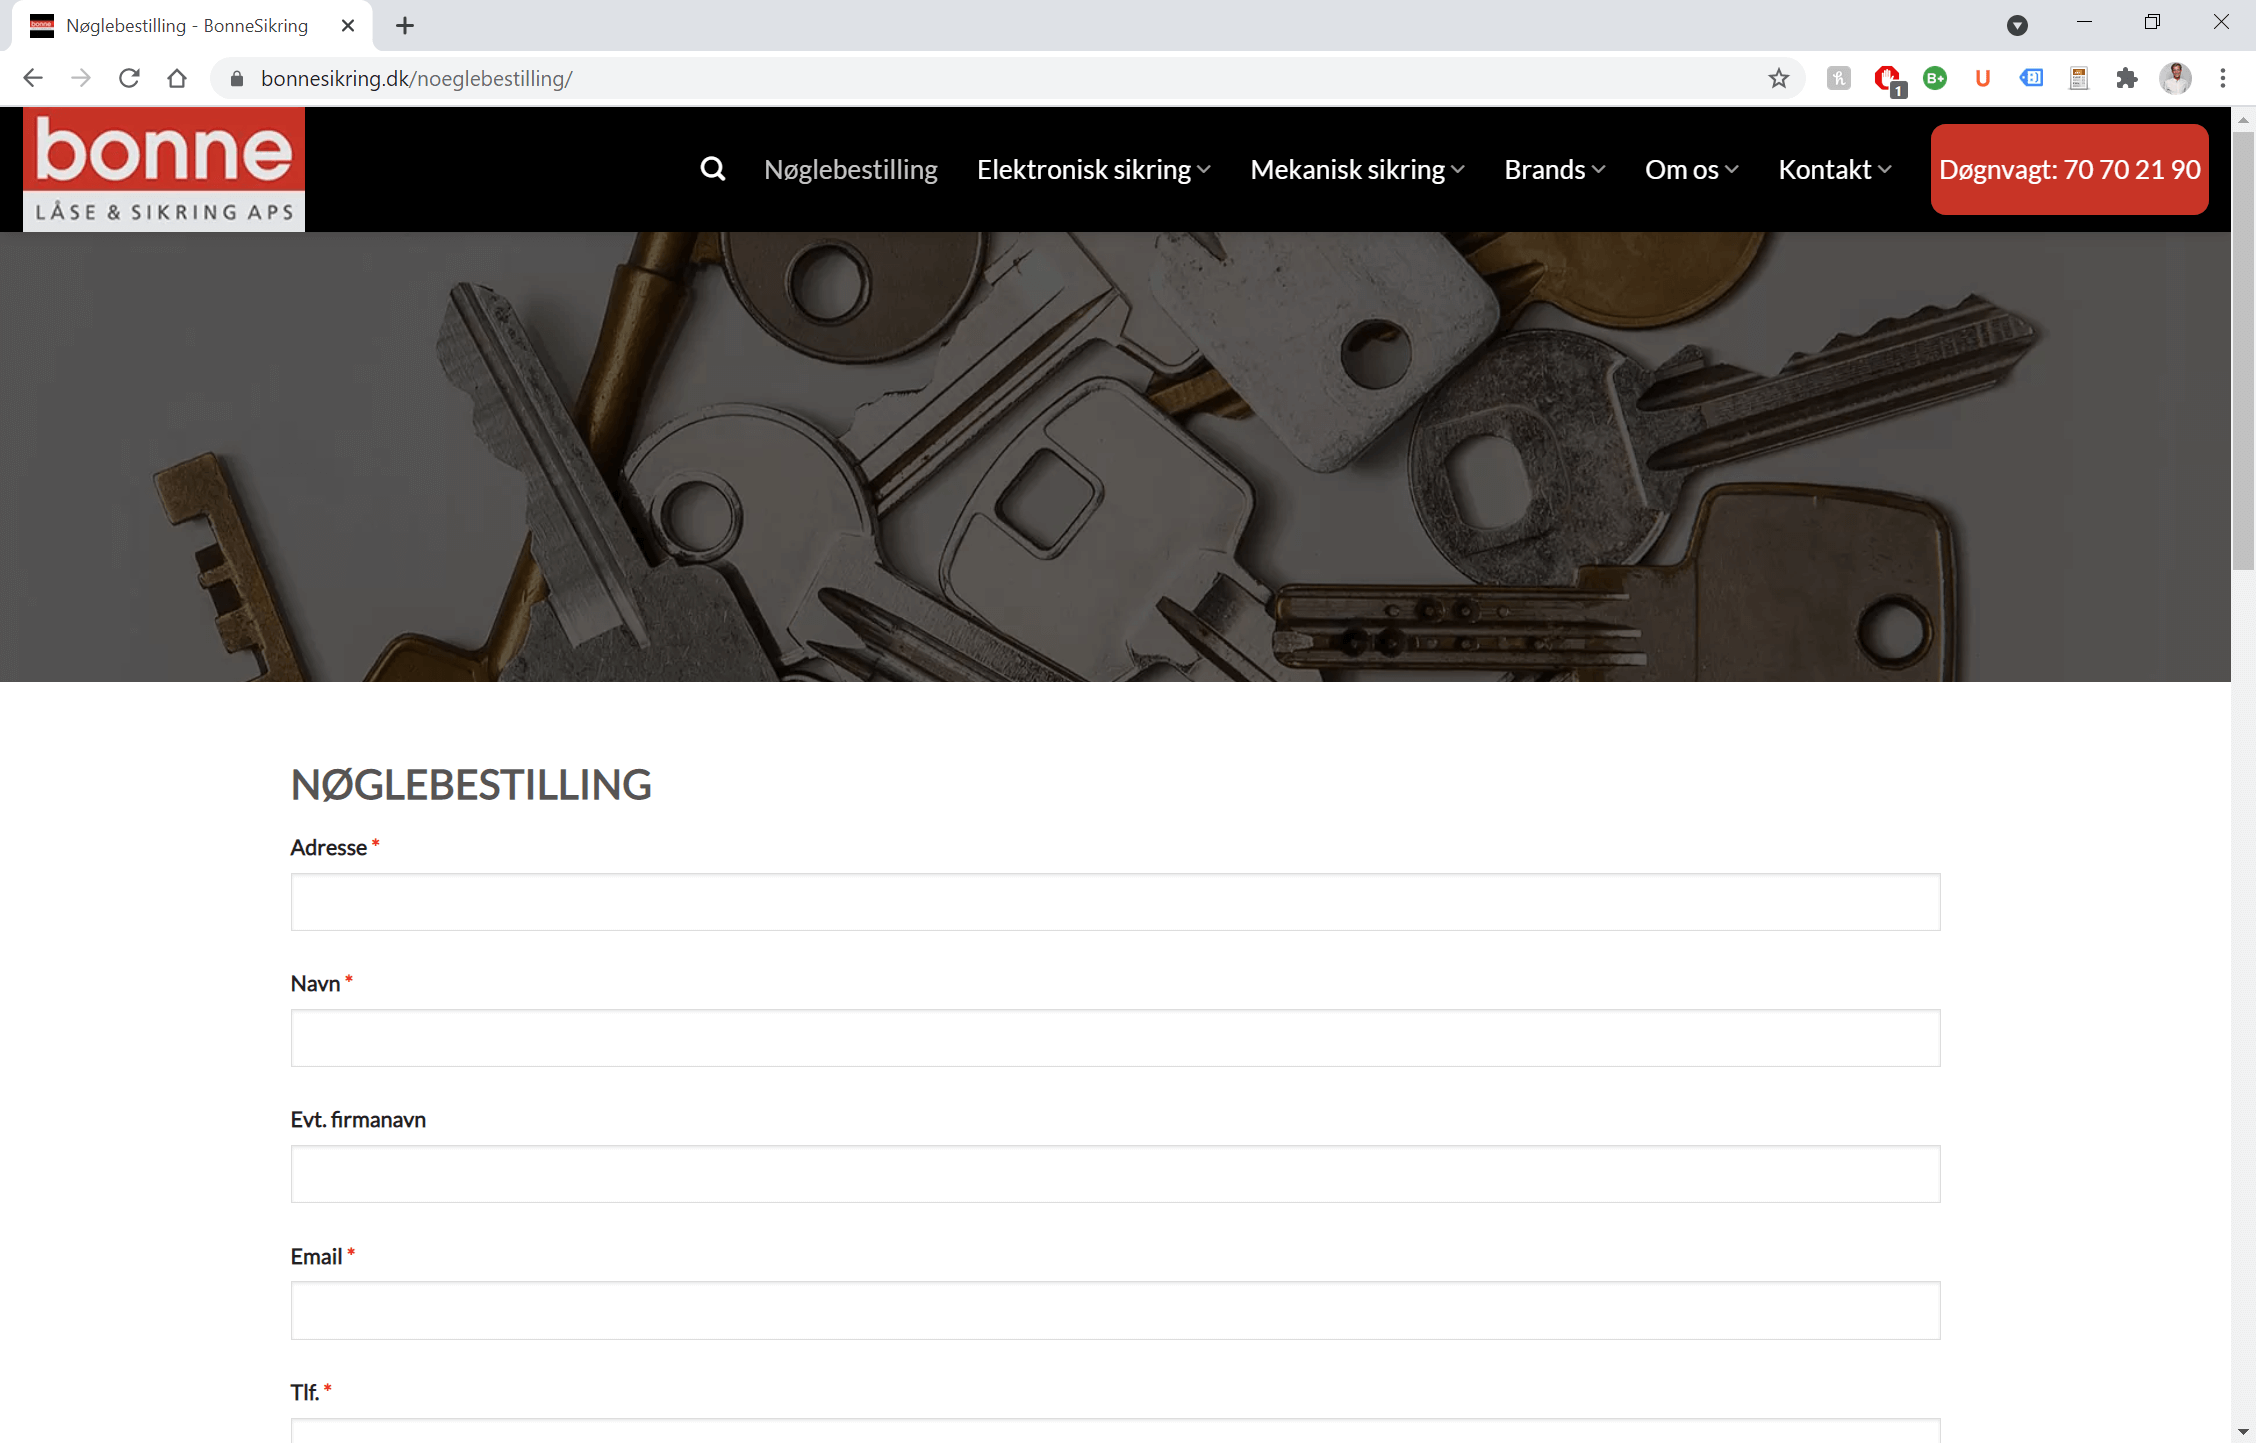 Nøglebestilling - Bonne Sikring